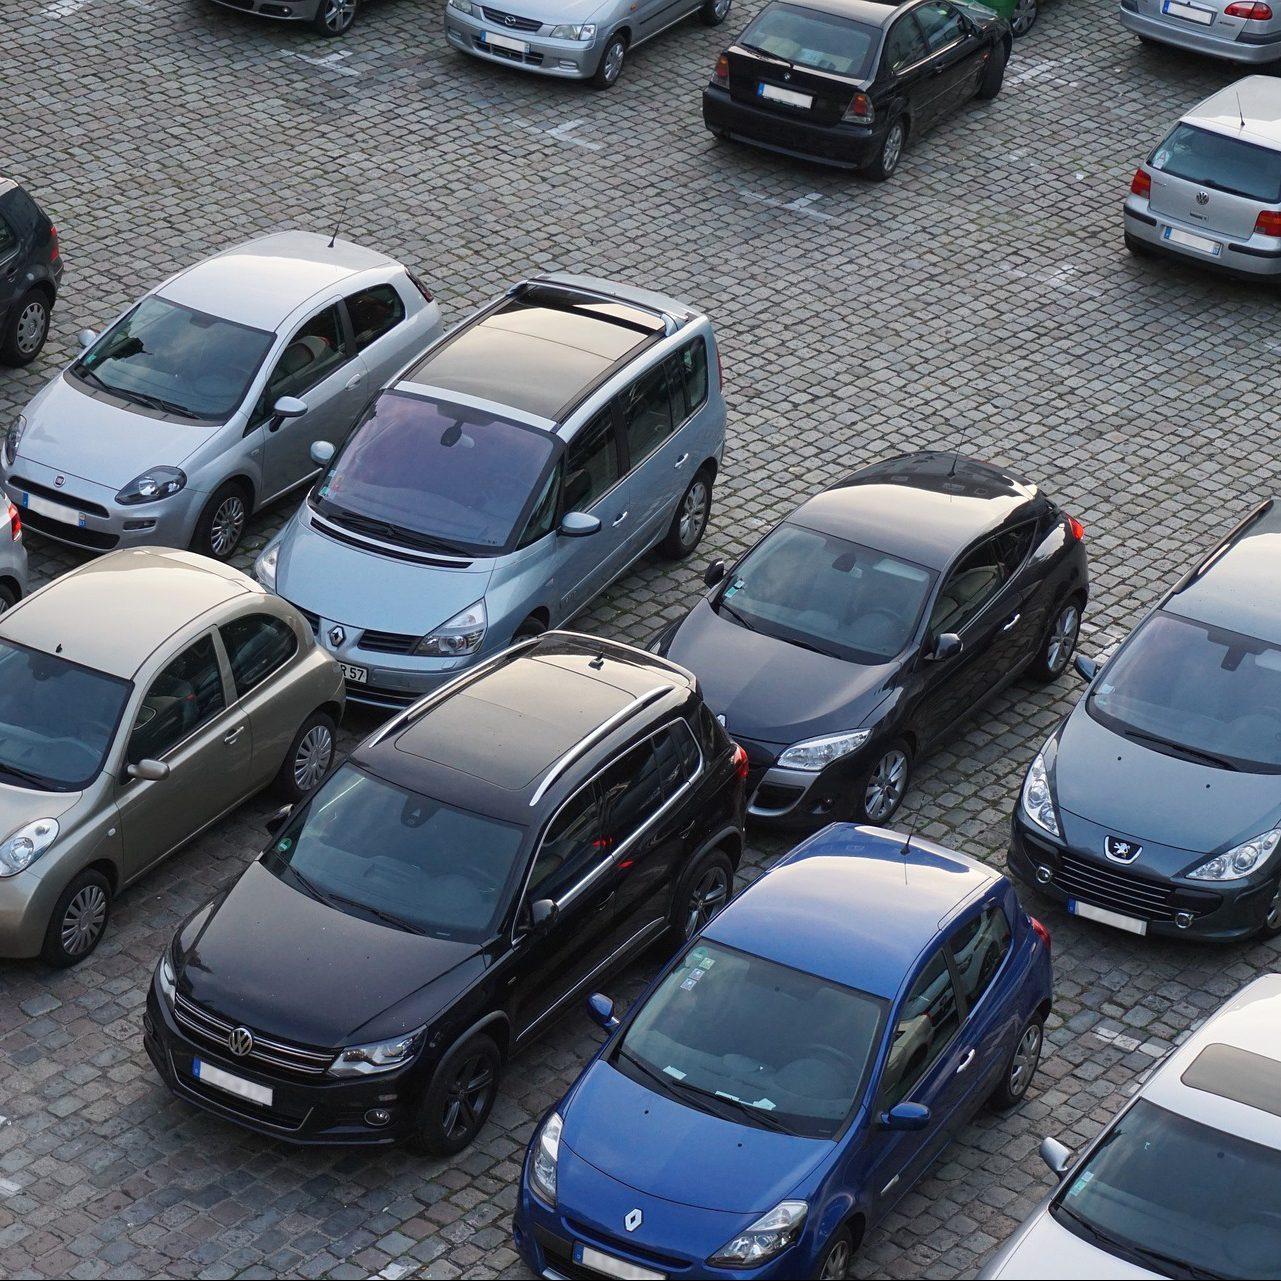 Parkplatzversteigerung via App: der Verkauf öffentlichen Parkraums durch Private